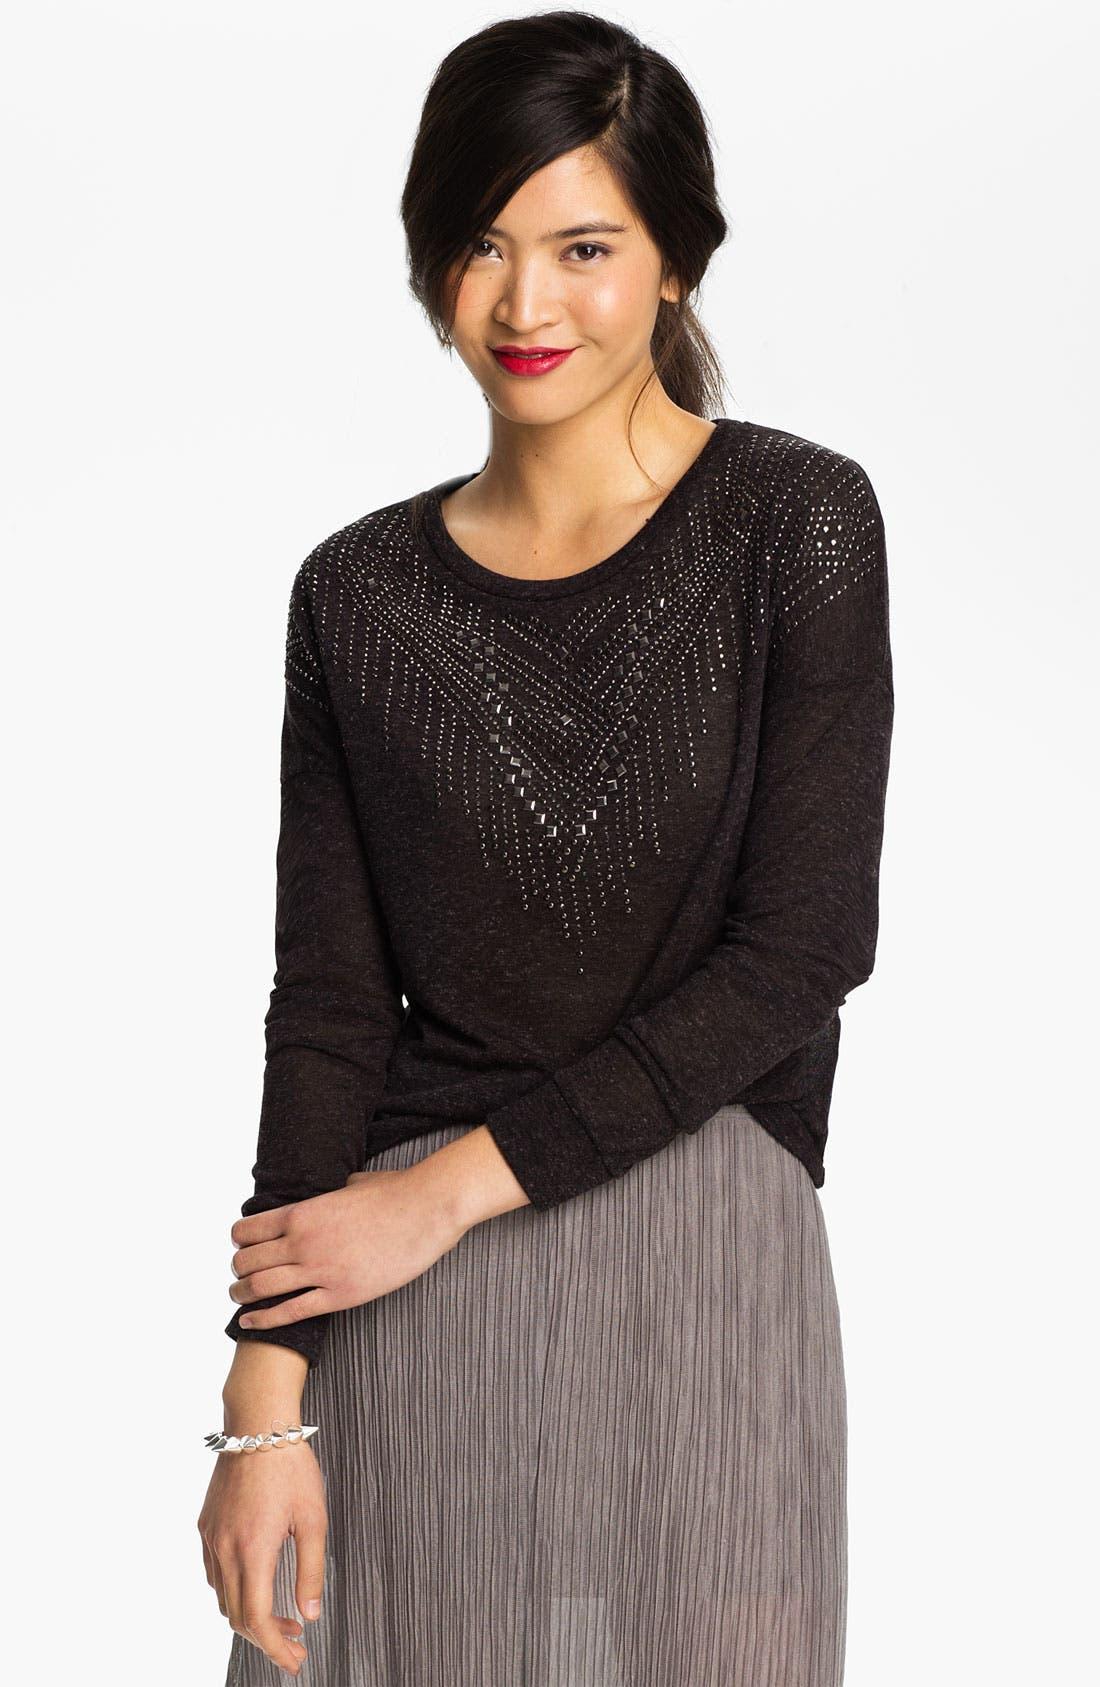 Alternate Image 1 Selected - Elodie Stud Embellished Top (Juniors)